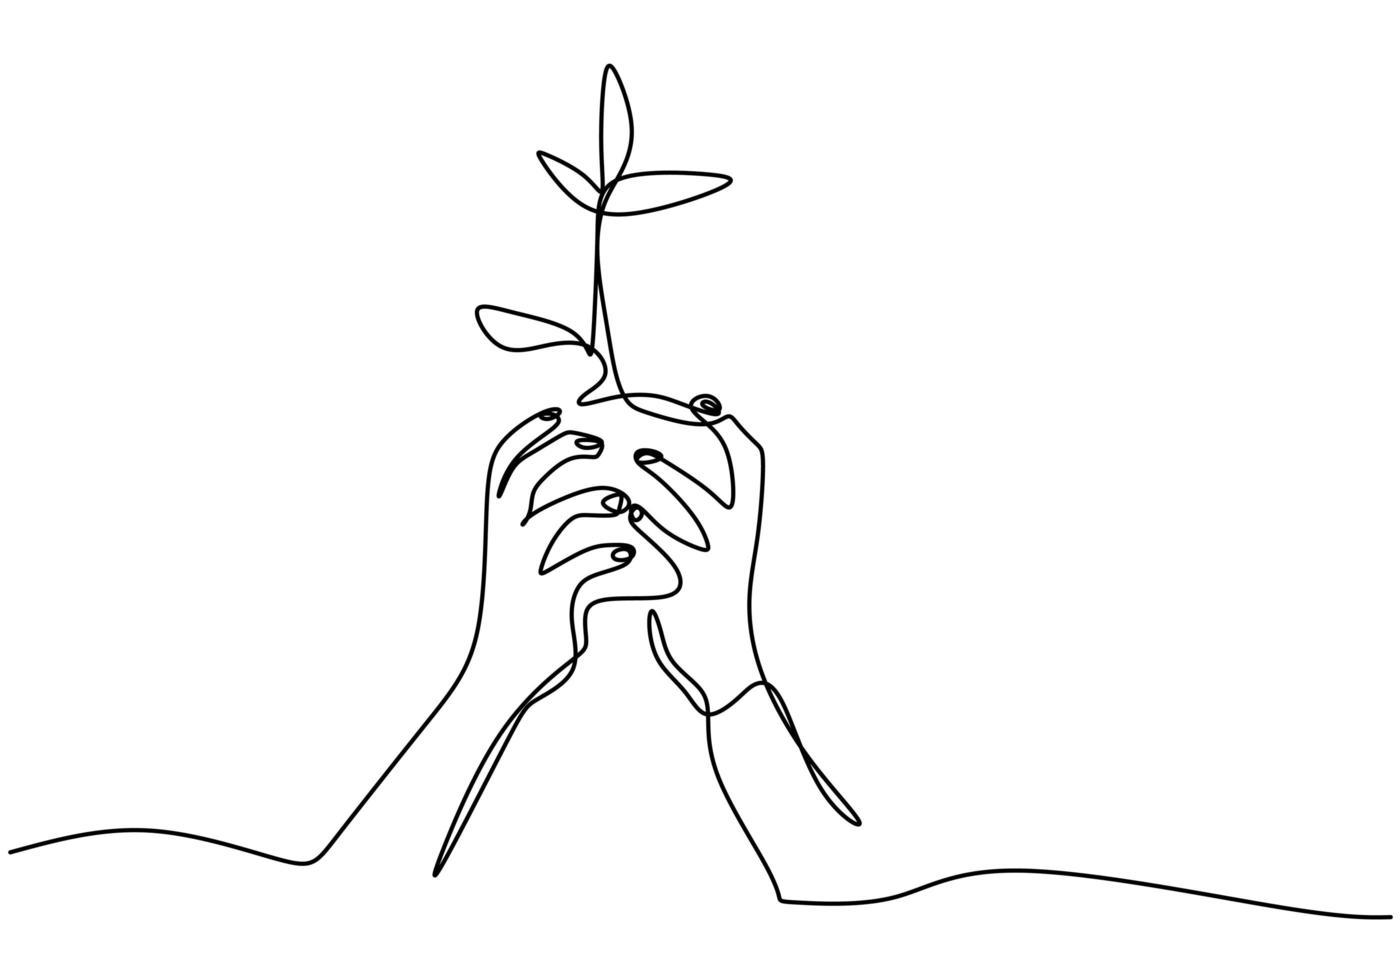 Hand hält Pflanzentopf. kontinuierliche einzeilige Zeichnung zurück zum Naturthema. vektor